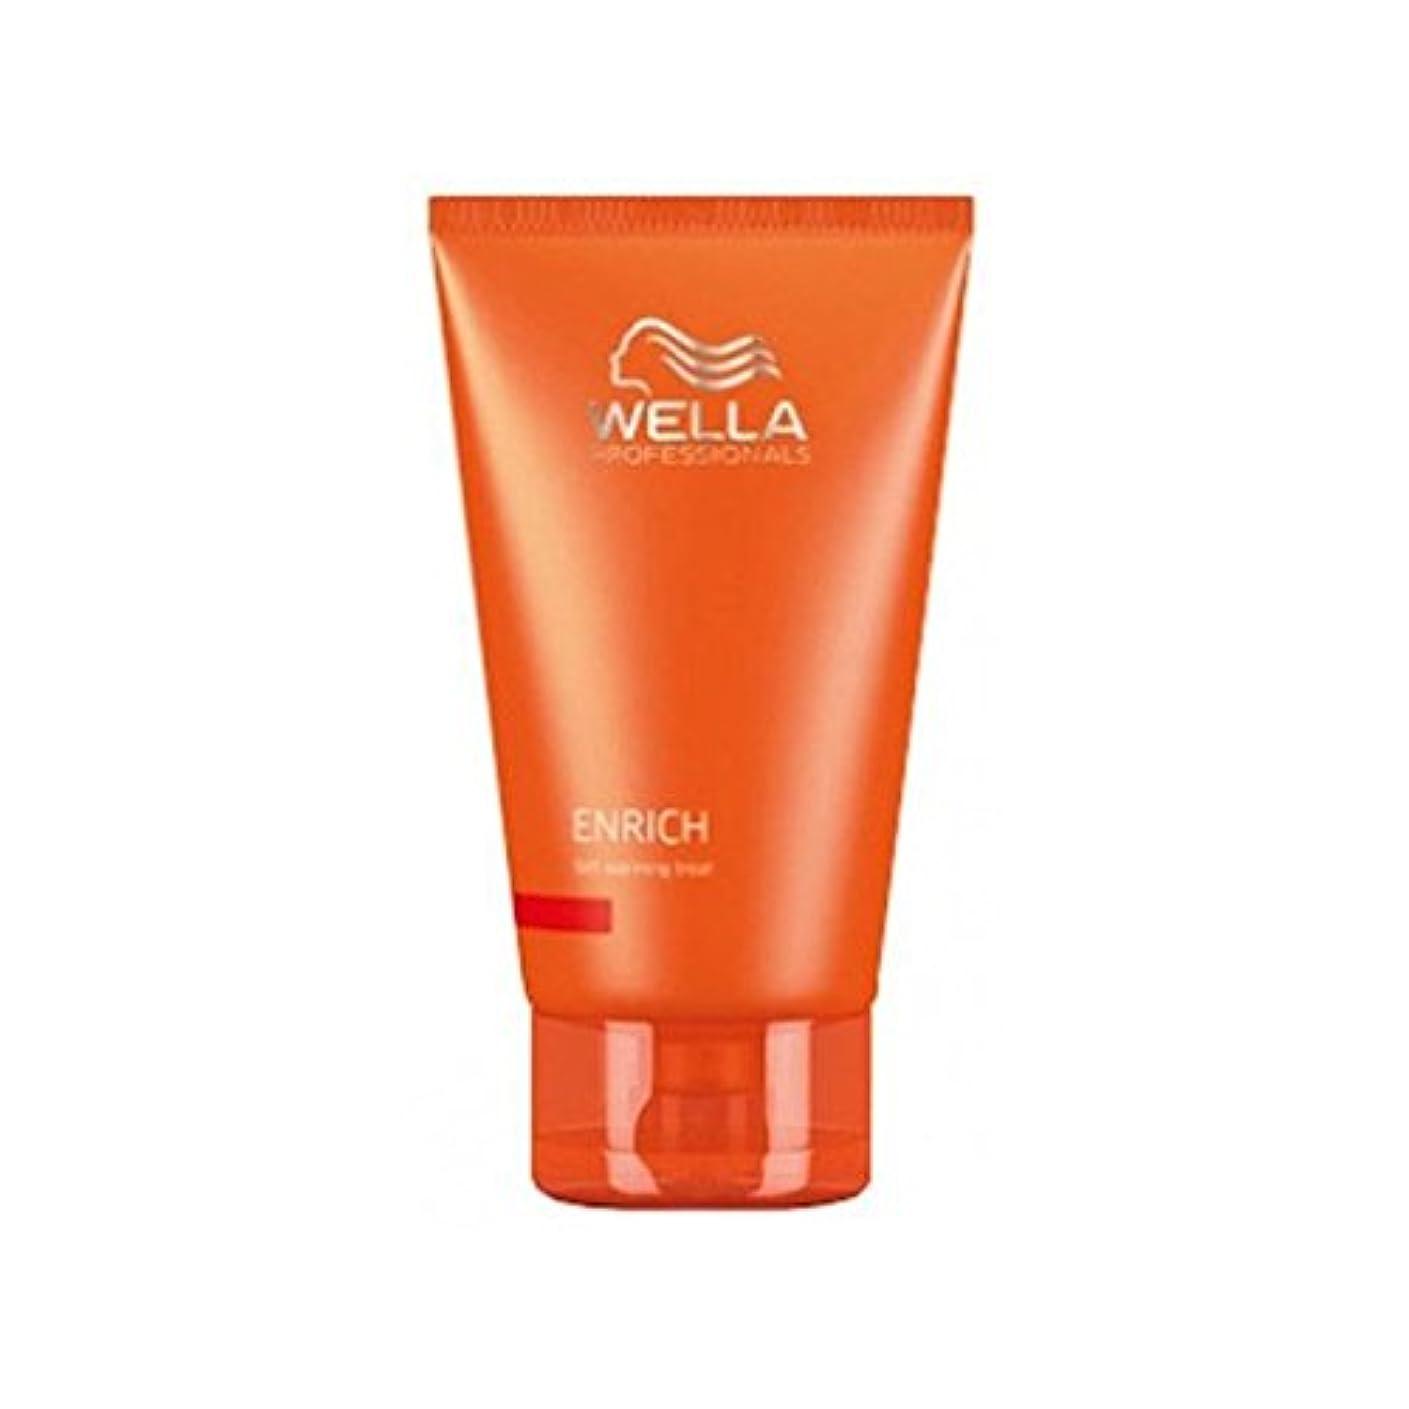 移植専門知識引退するウェラの専門家は、自己温暖化の処理(150ミリリットル)を豊かに x4 - Wella Professionals Enrich Self-Warming Treatment (150ml) (Pack of 4) [並行輸入品]